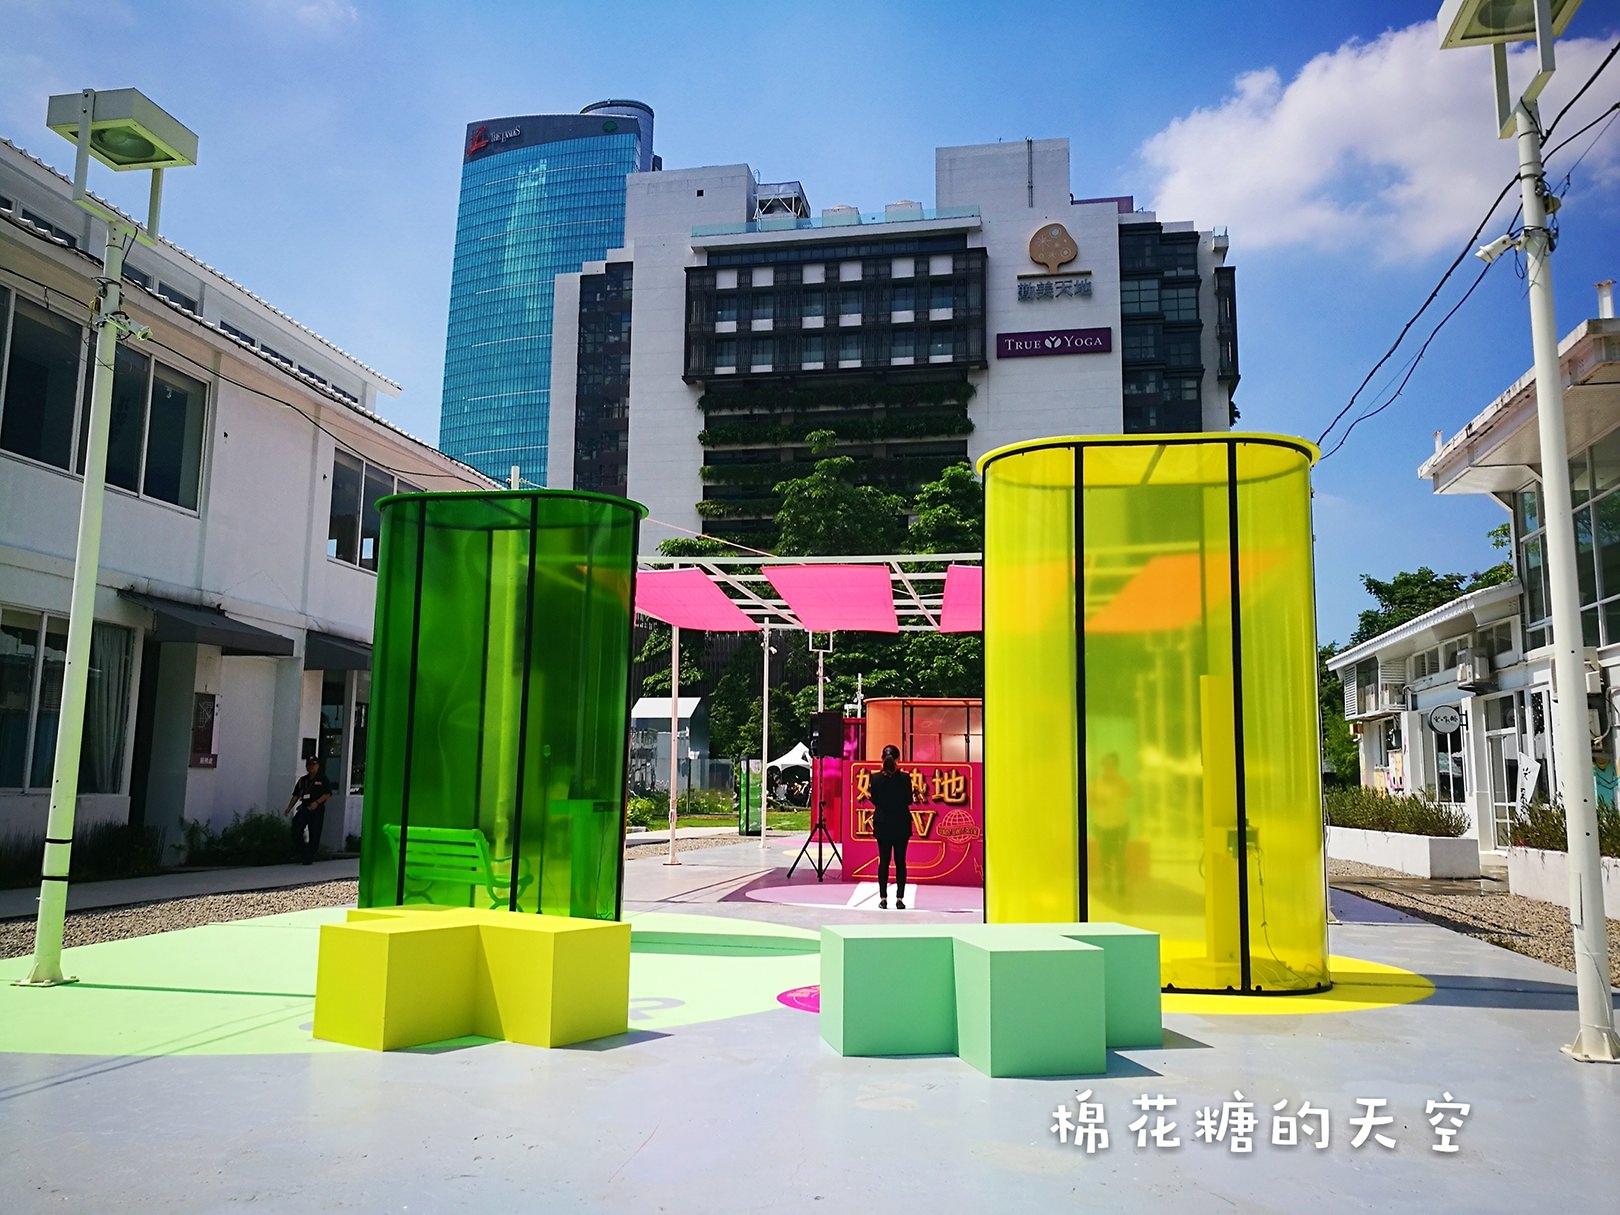 2017綠圈圈‖草悟道年度盛事-快來勤美術館好熱地KTV